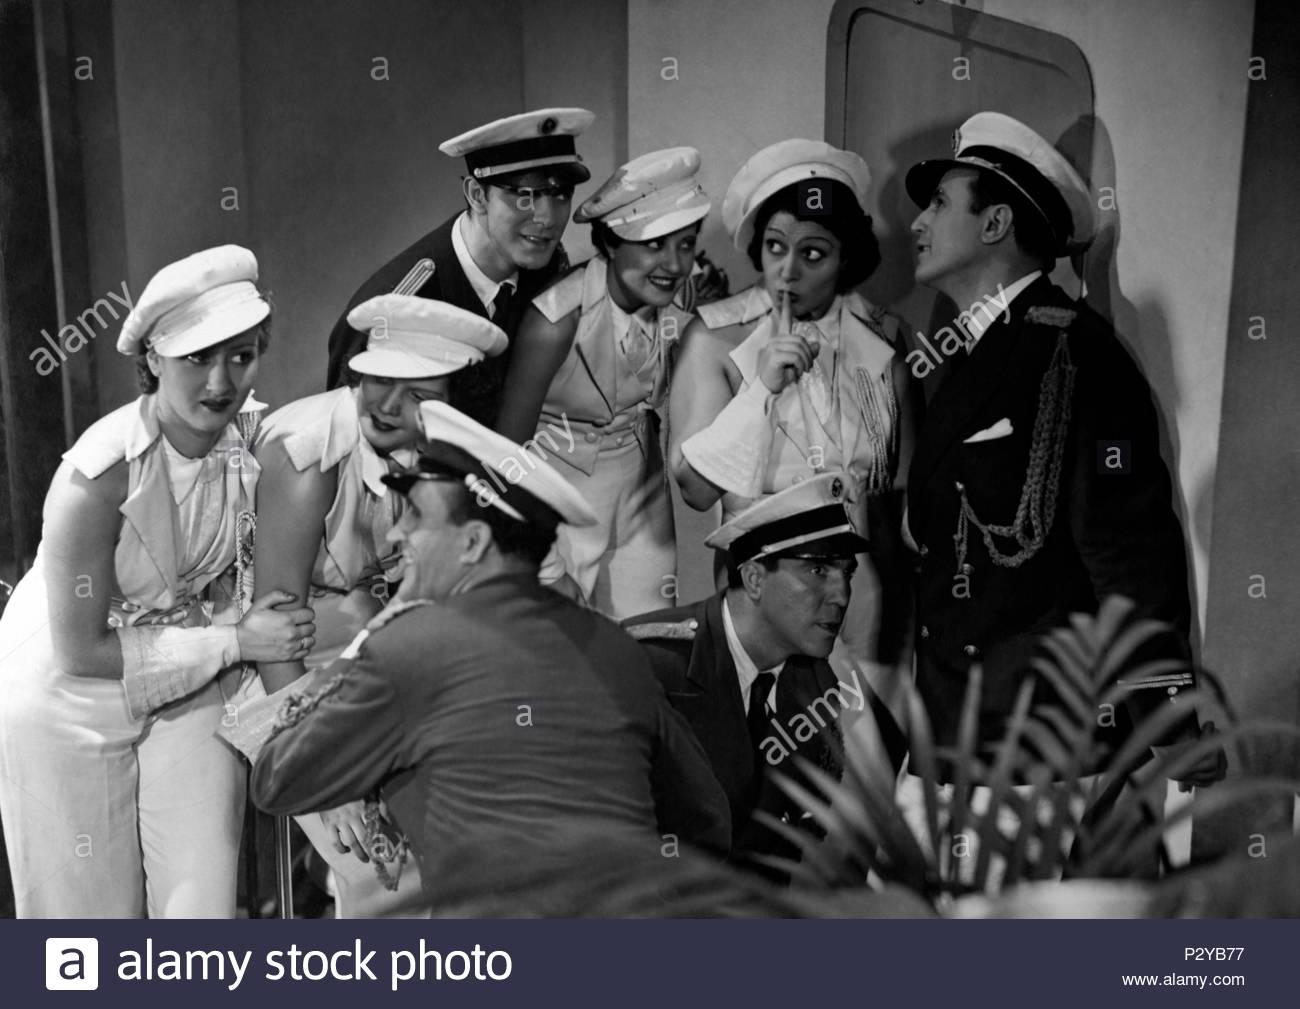 Original Film Title: ABAJO LOS HOMBRES.  English Title: ABAJO LOS HOMBRES.  Film Director: JOSE MARIA CASTELLVI.  Year: 1935. Credit: EDICI / Album - Stock Image